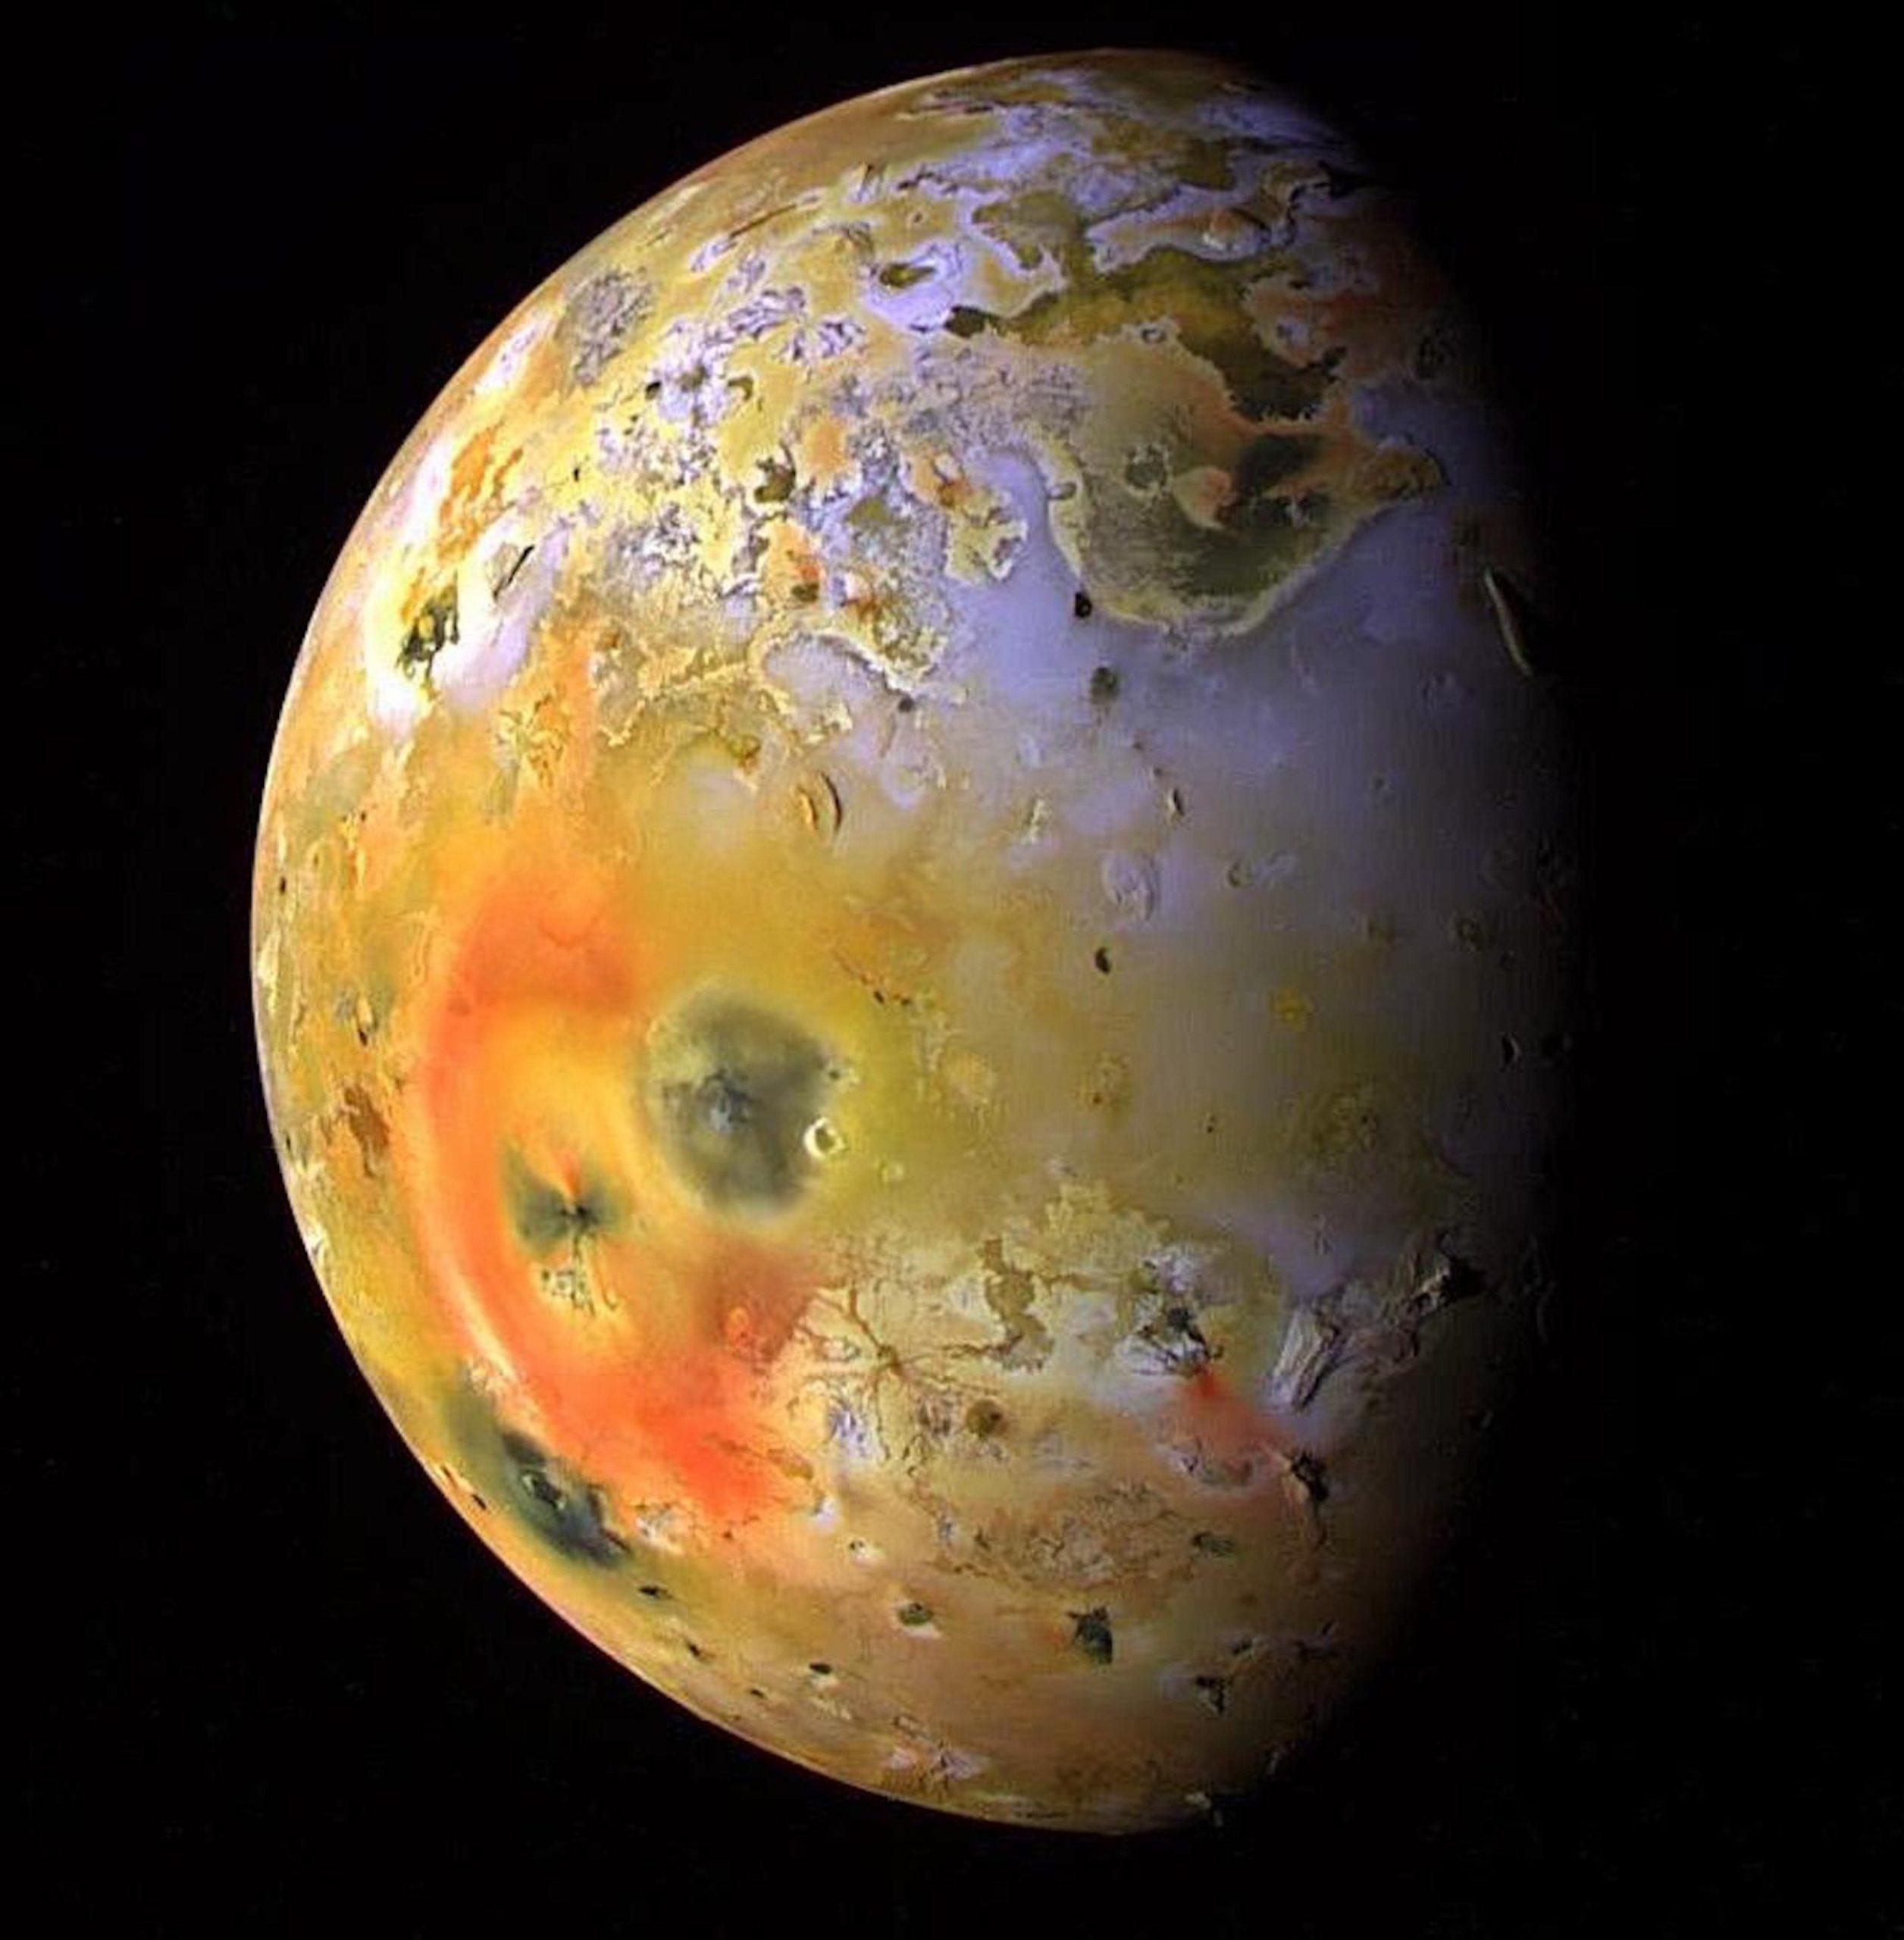 Figura 5: una delle lune maggiori di Giove, Io, fotografata dalla sonda Galileo nel bel mezzo di un'eruzione vulcanica. (NASA/JPL – University of Arizona). I colori vivaci sono dovuti allo zolfo e ai sui composti prodotti dall'intenso vulcanismo, alimentato dall'attrito delle forze mareali esercitate da Giove e dalla risonanza orbitale con Europa e Ganimede.